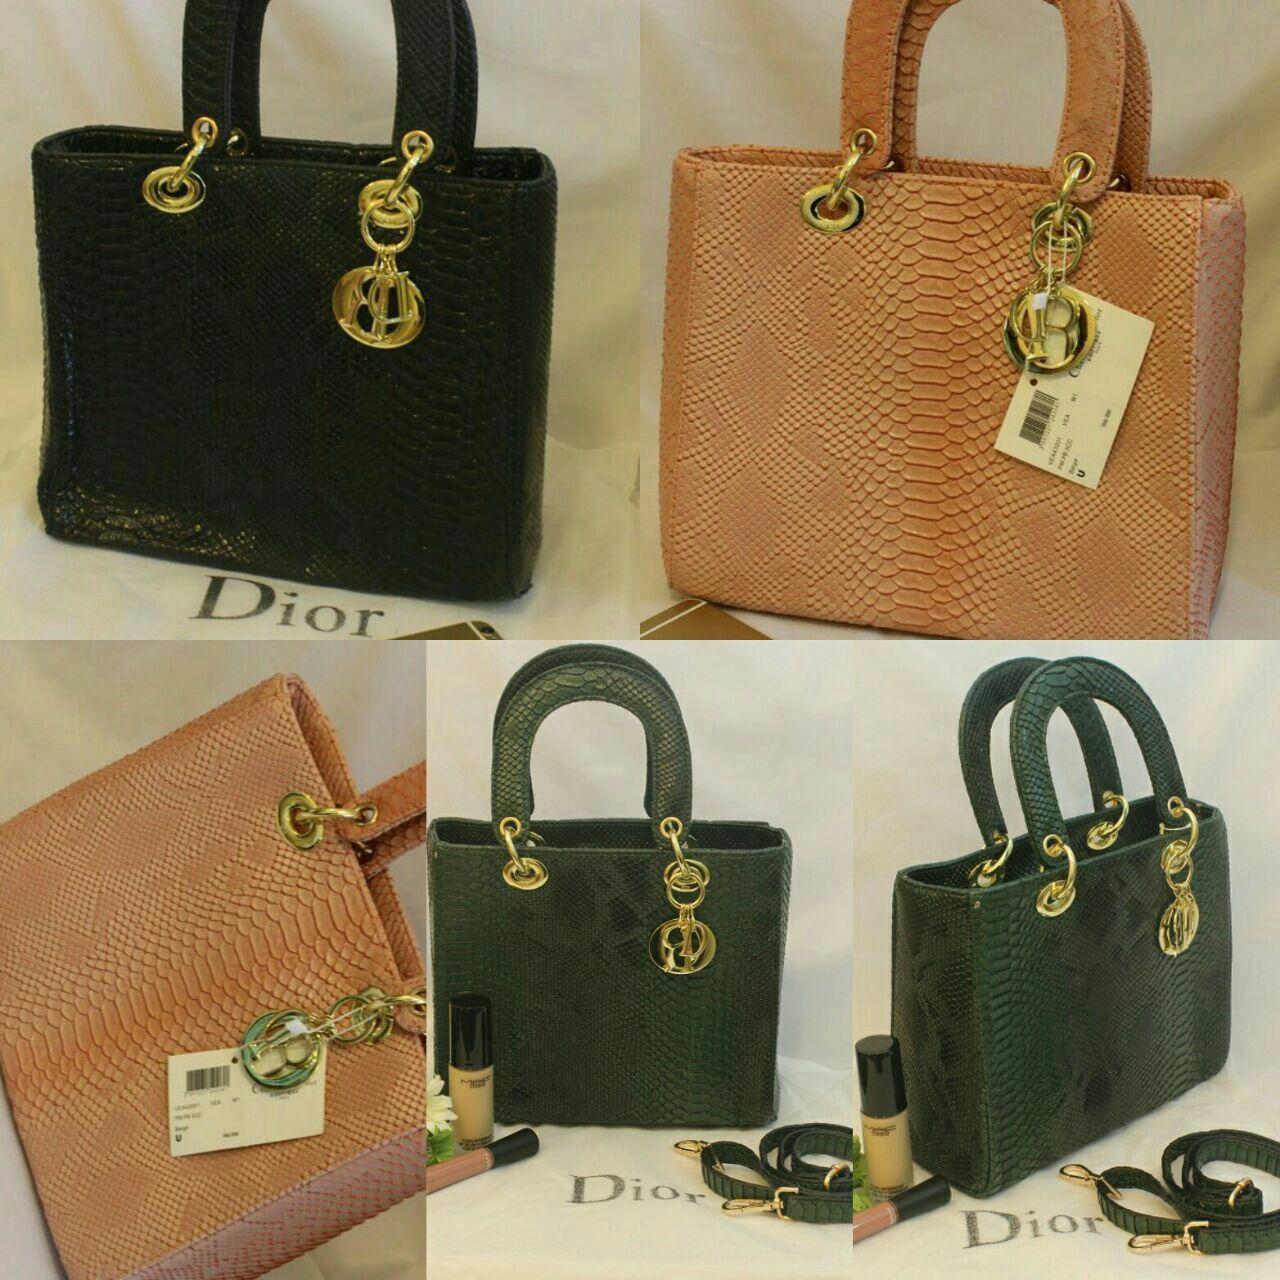 a02dda5e2da58 شنطه ماركة Dior سعرها ب٢٢٠ ريال